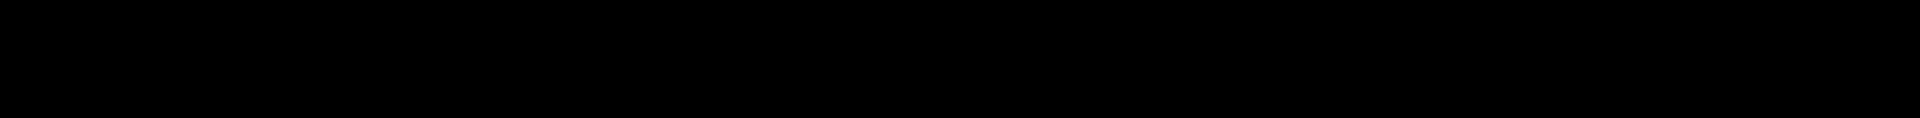 Aplomo